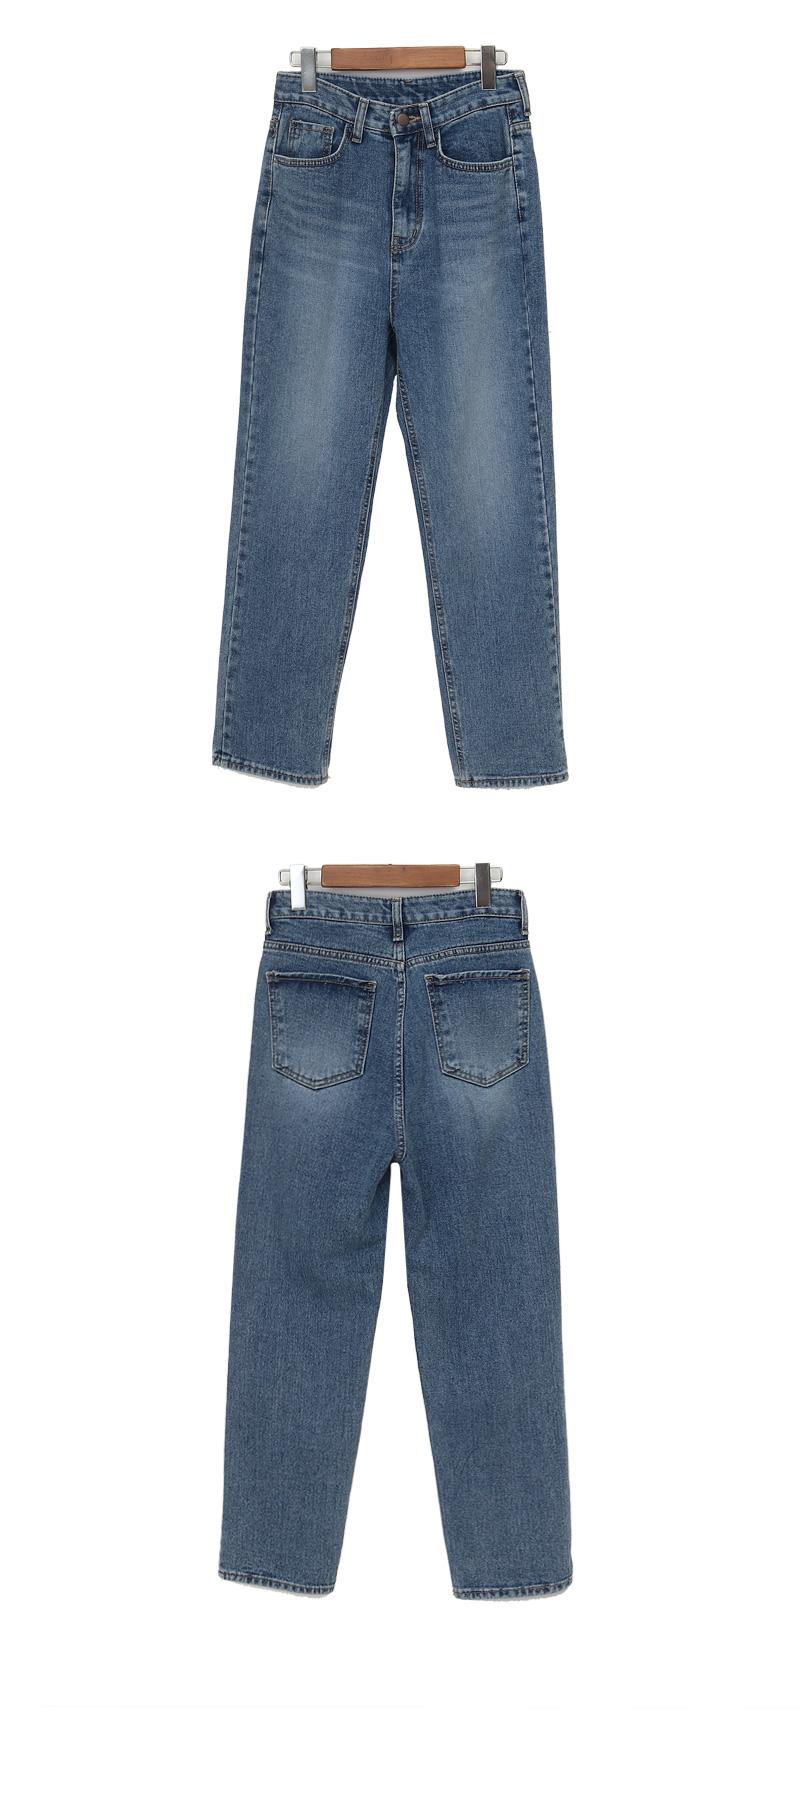 Rough washing denim pants_C